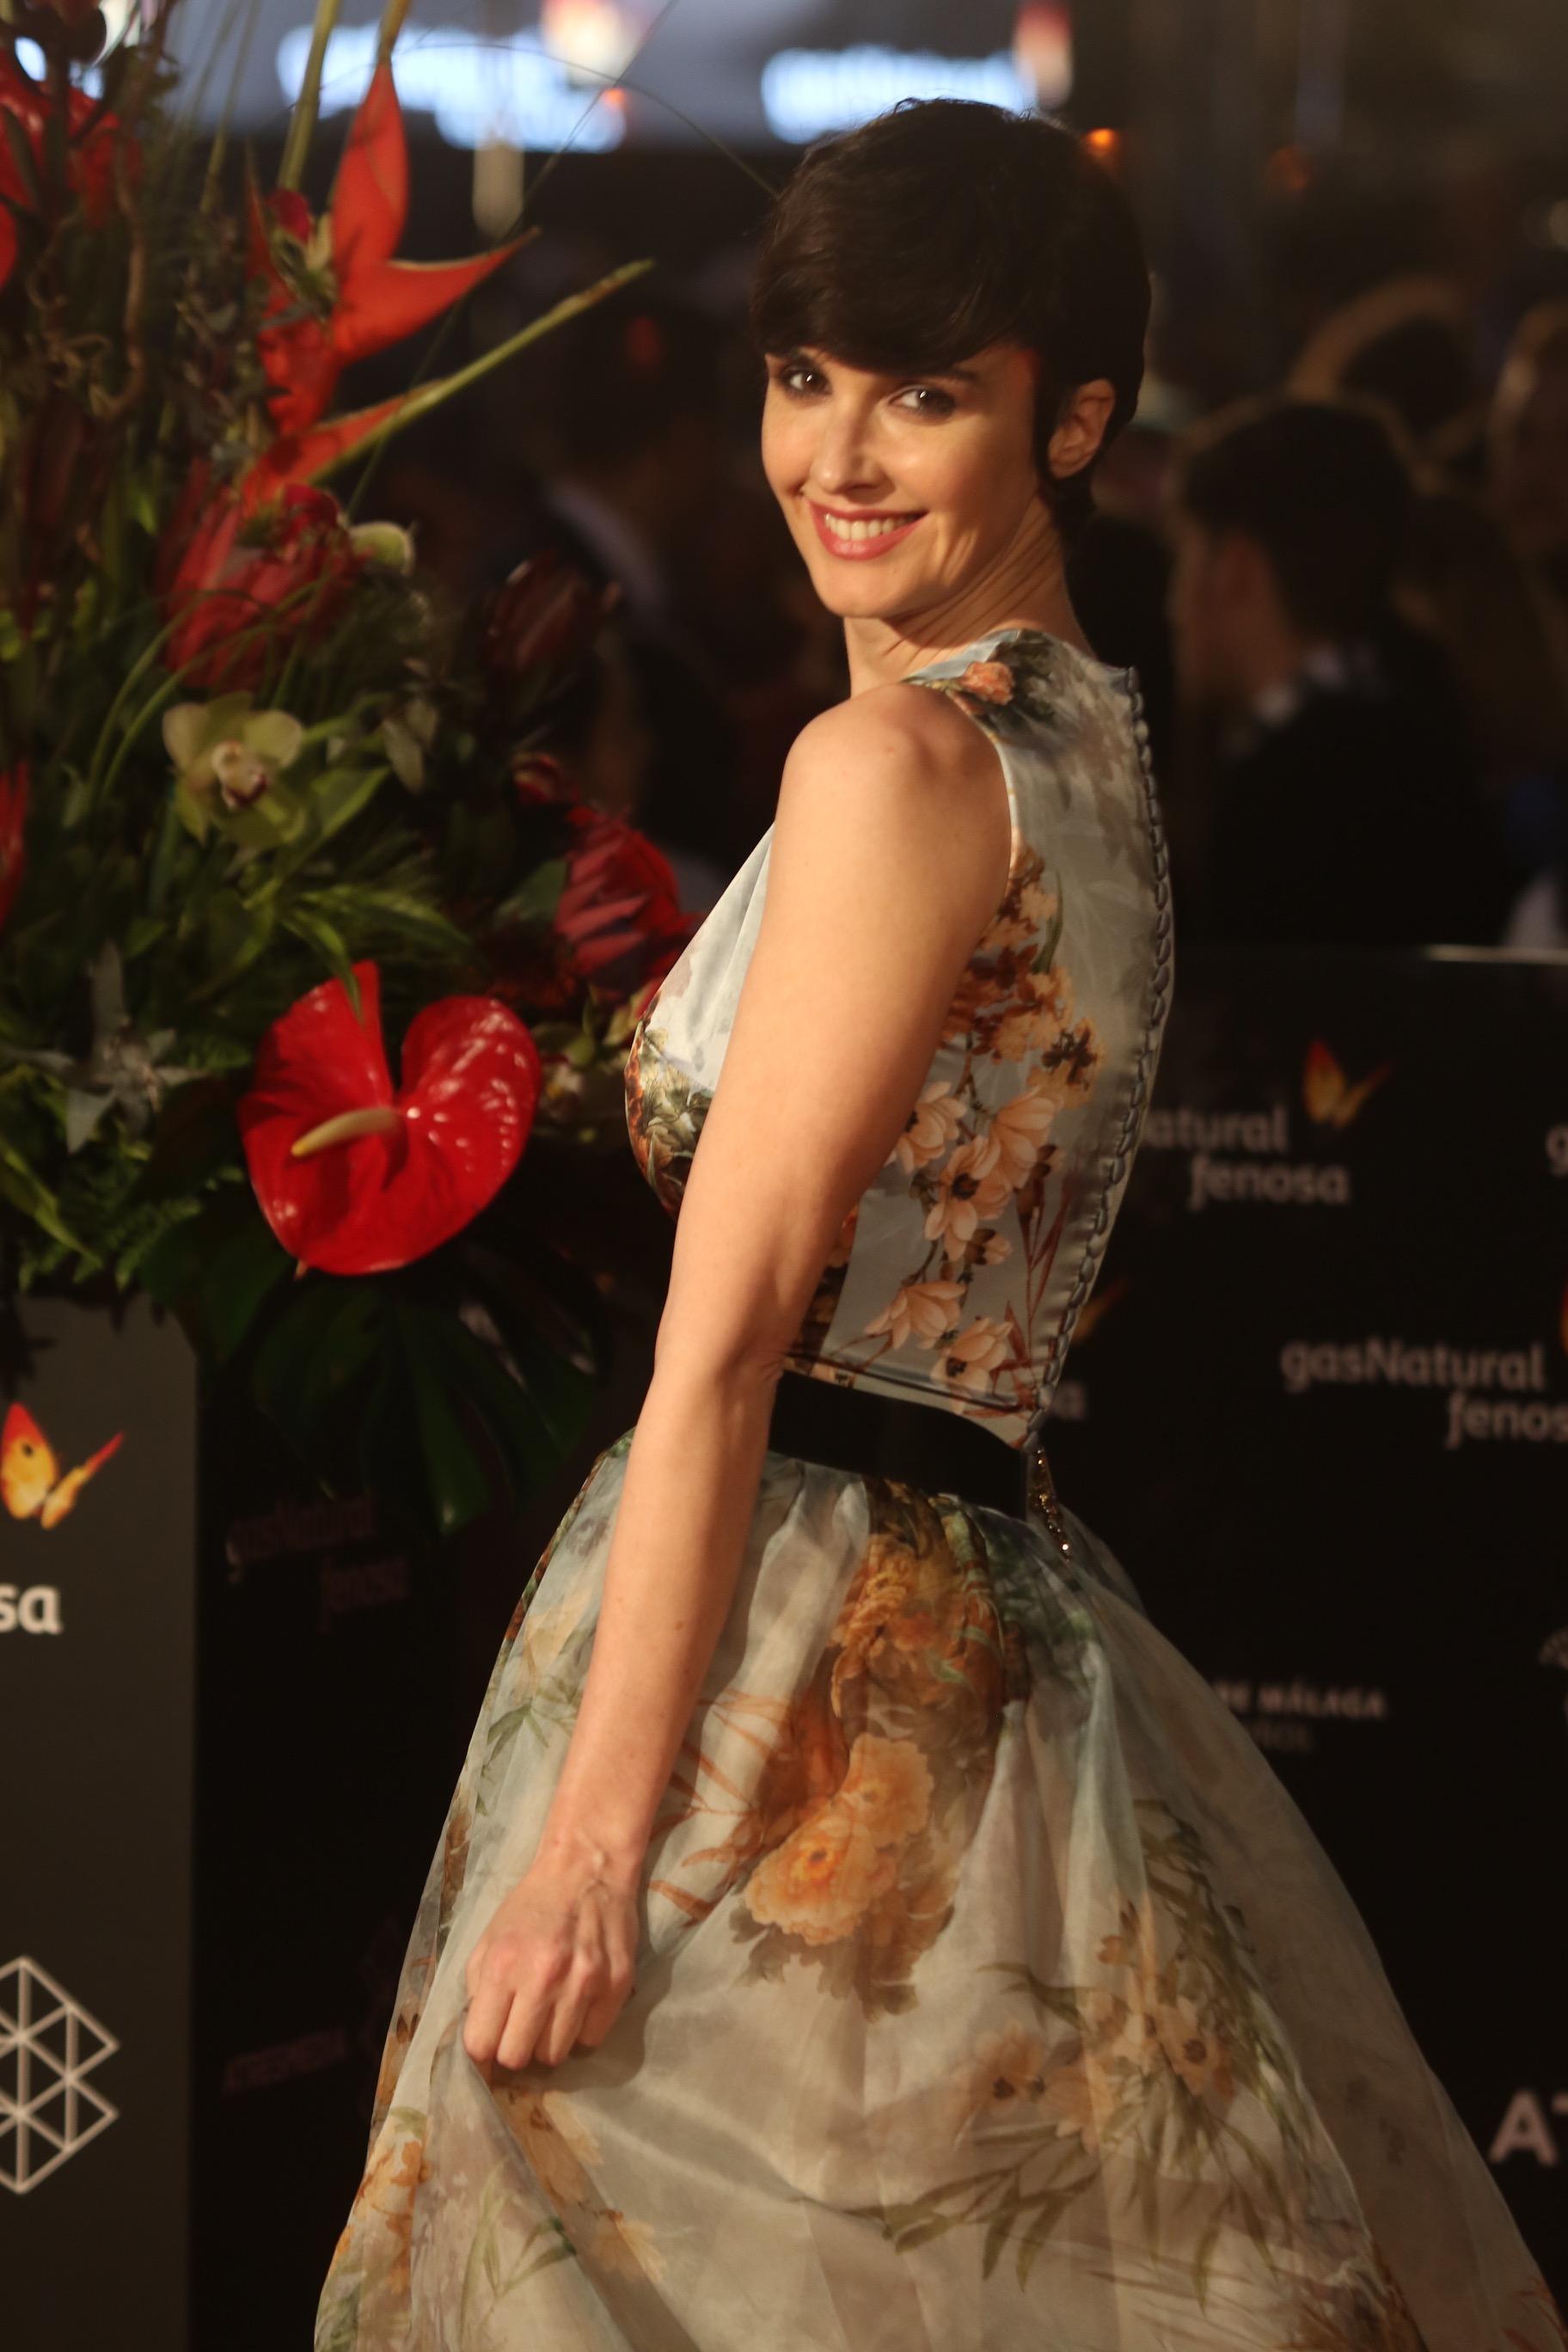 Paz Vega desfila por la alfombra roja de la gala de inauguración de la 20 edición del festival de cine en Español de Málaga